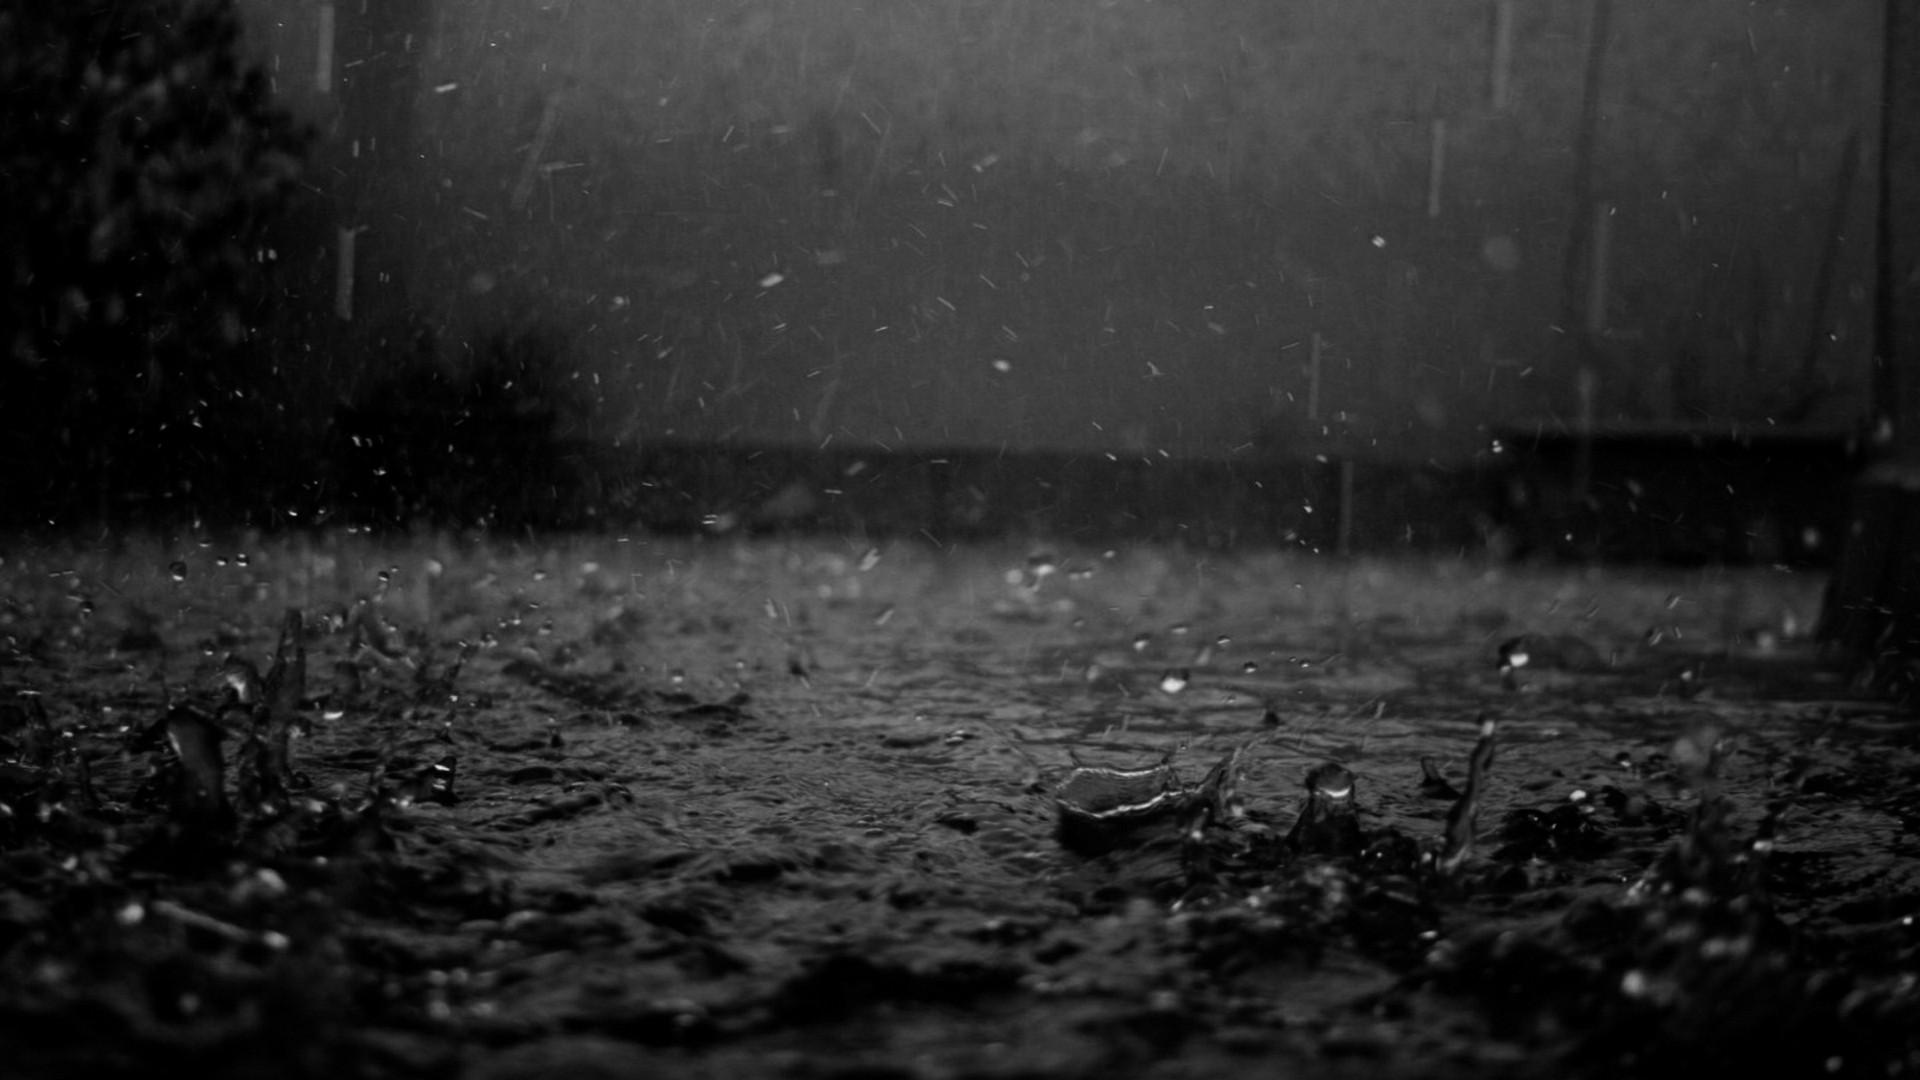 начальном фото рабочего стола грусть дождь снимать